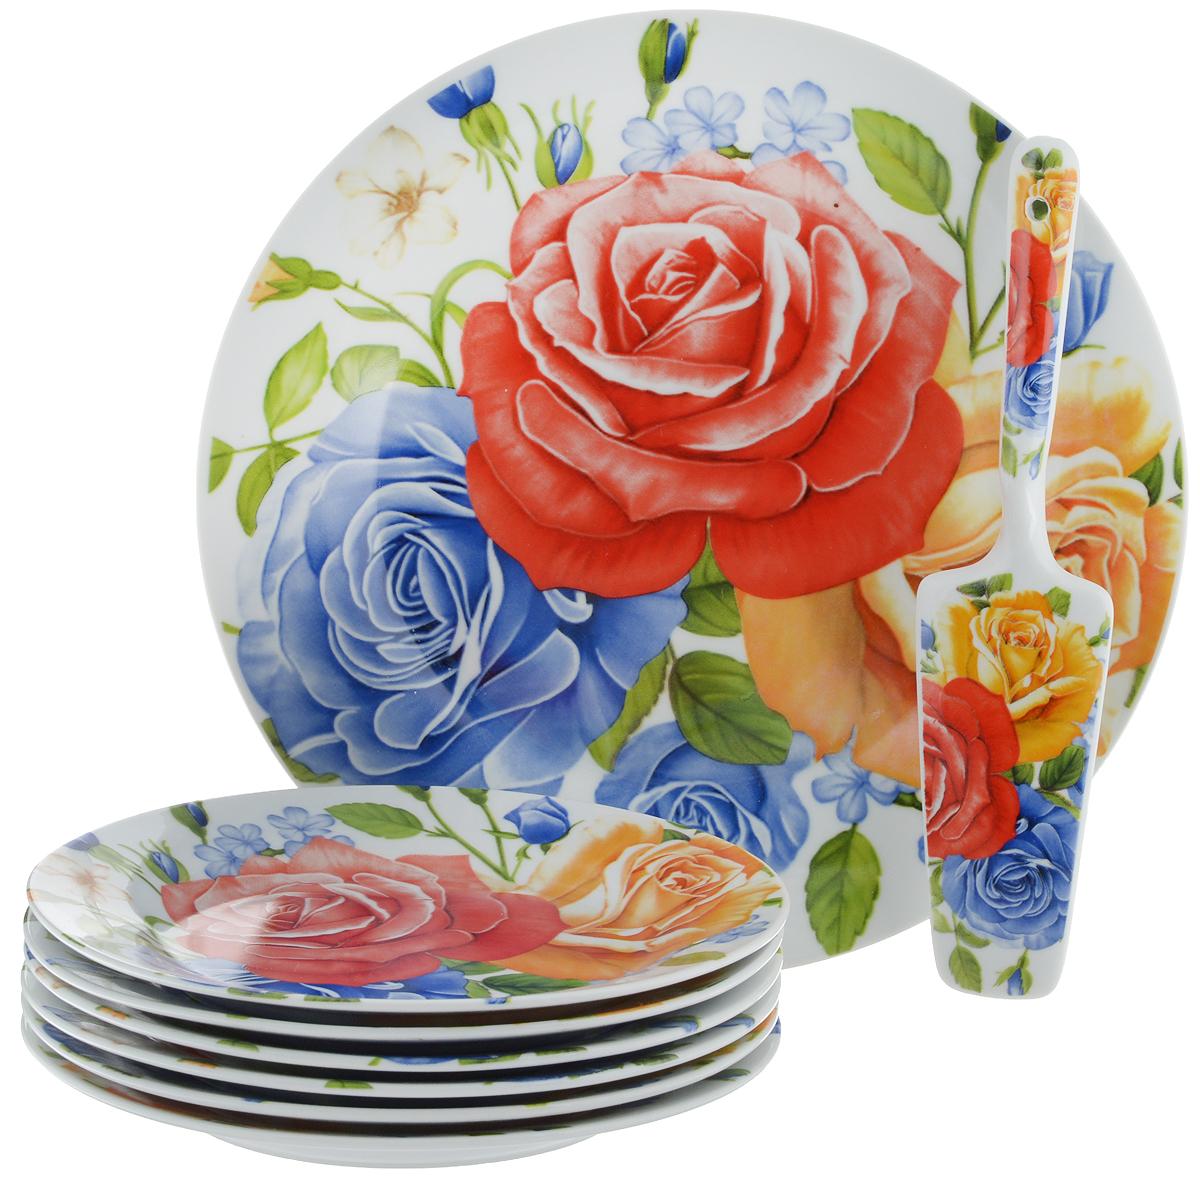 Набор для торта Bella, 8 предметов. DL-S8CB-175115610Набор для торта Bella состоит из 7 тарелок и лопатки. Изделия выполнены из высококачественного фарфора и оформлены ярким рисунком. Набор идеален для подачи тортов, пирогов и другой выпечки.Яркий дизайн сделает набор изысканным украшением праздничного стола.Диаметр меленьких тарелок: 19,3 см.Диаметр большой тарелки: 26,5 см.Размеры лопатки: 23 х 5,3 х 2 см.